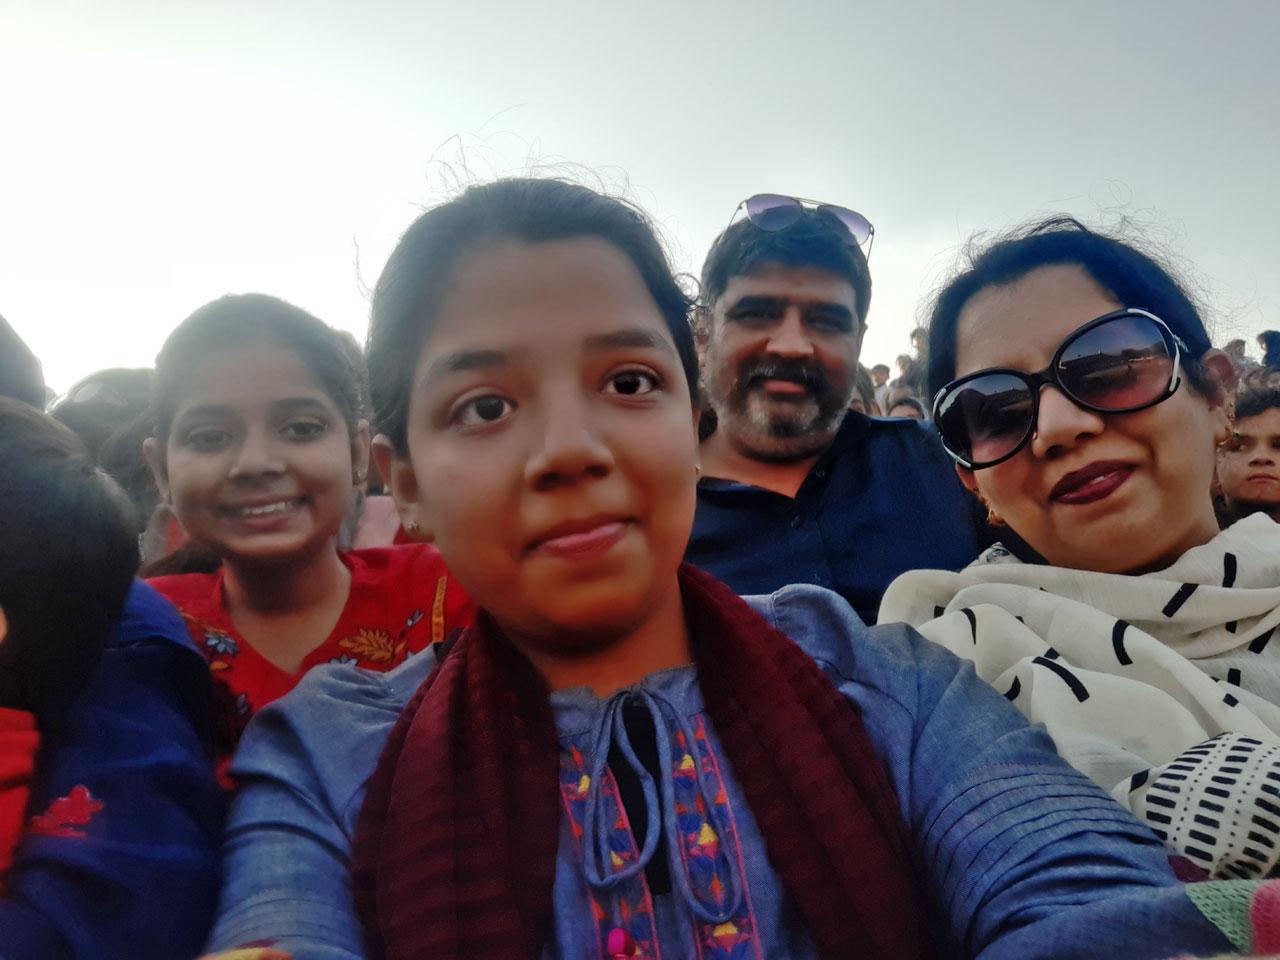 Zoya, Erum, Imran and Zara sitting on the bleachers and enjoying the ceremony.